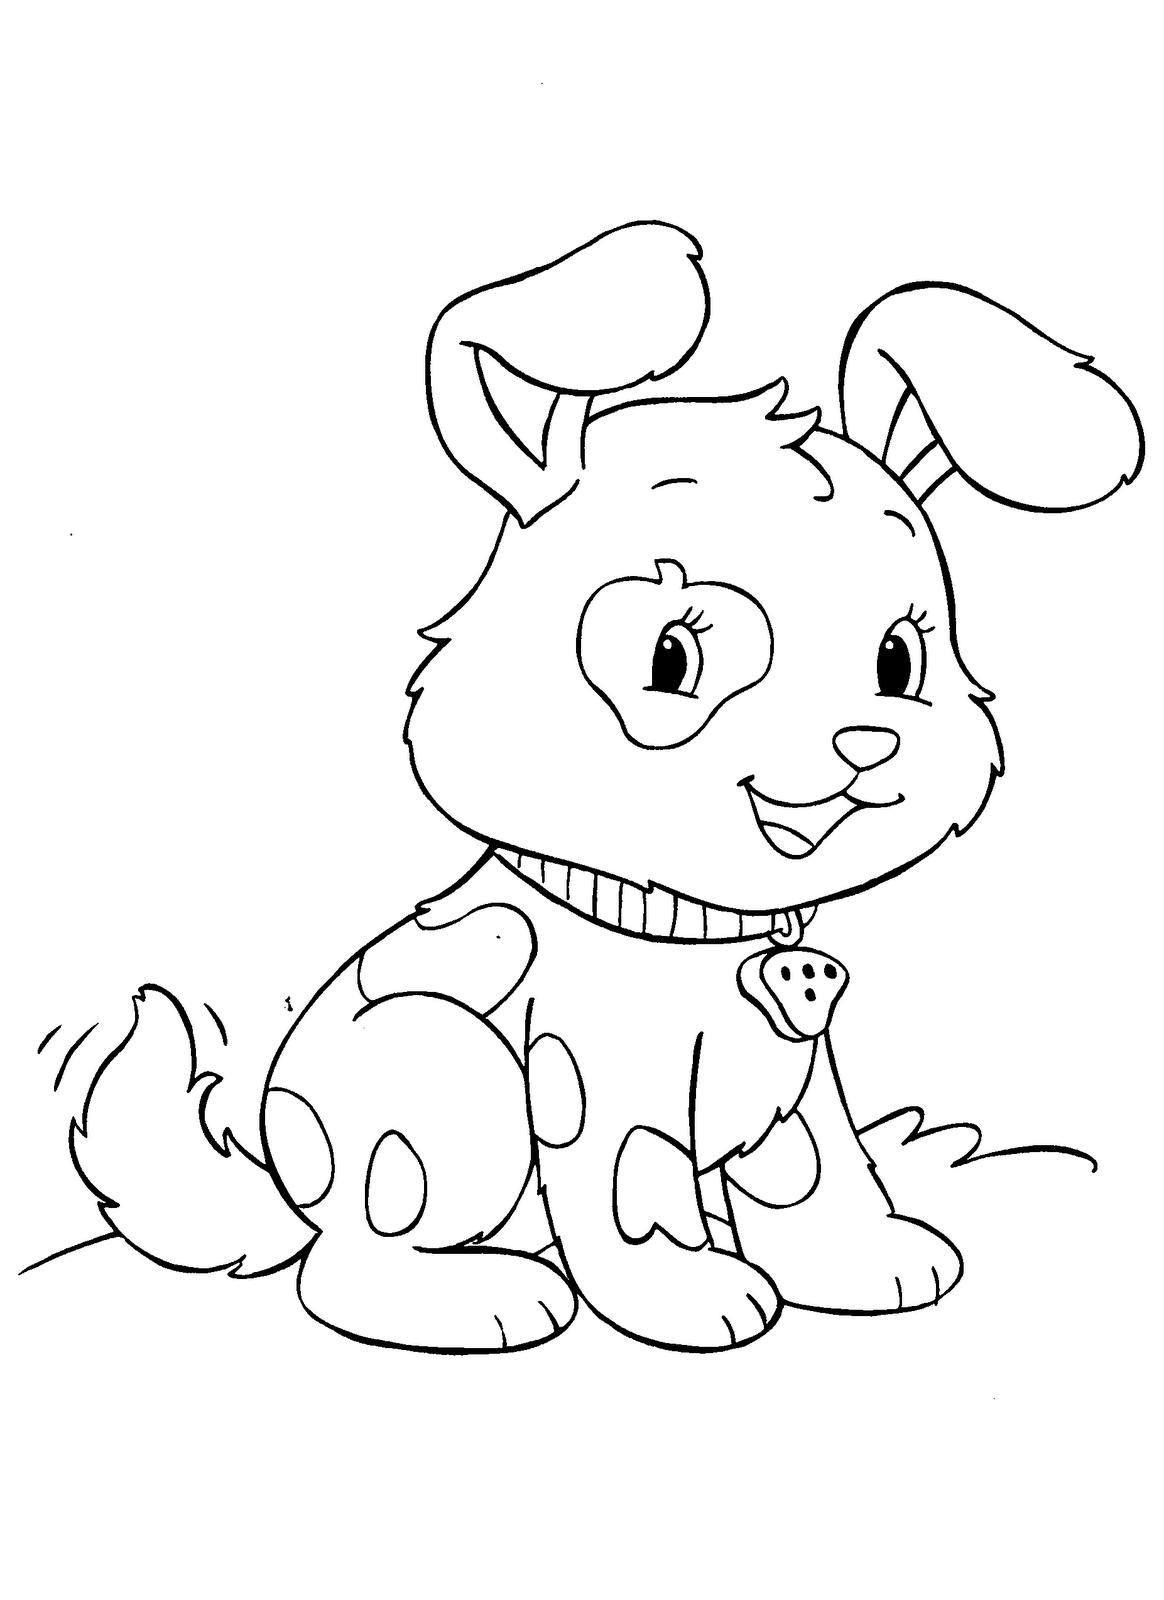 Imprimir Desenhos Da Moranguinho